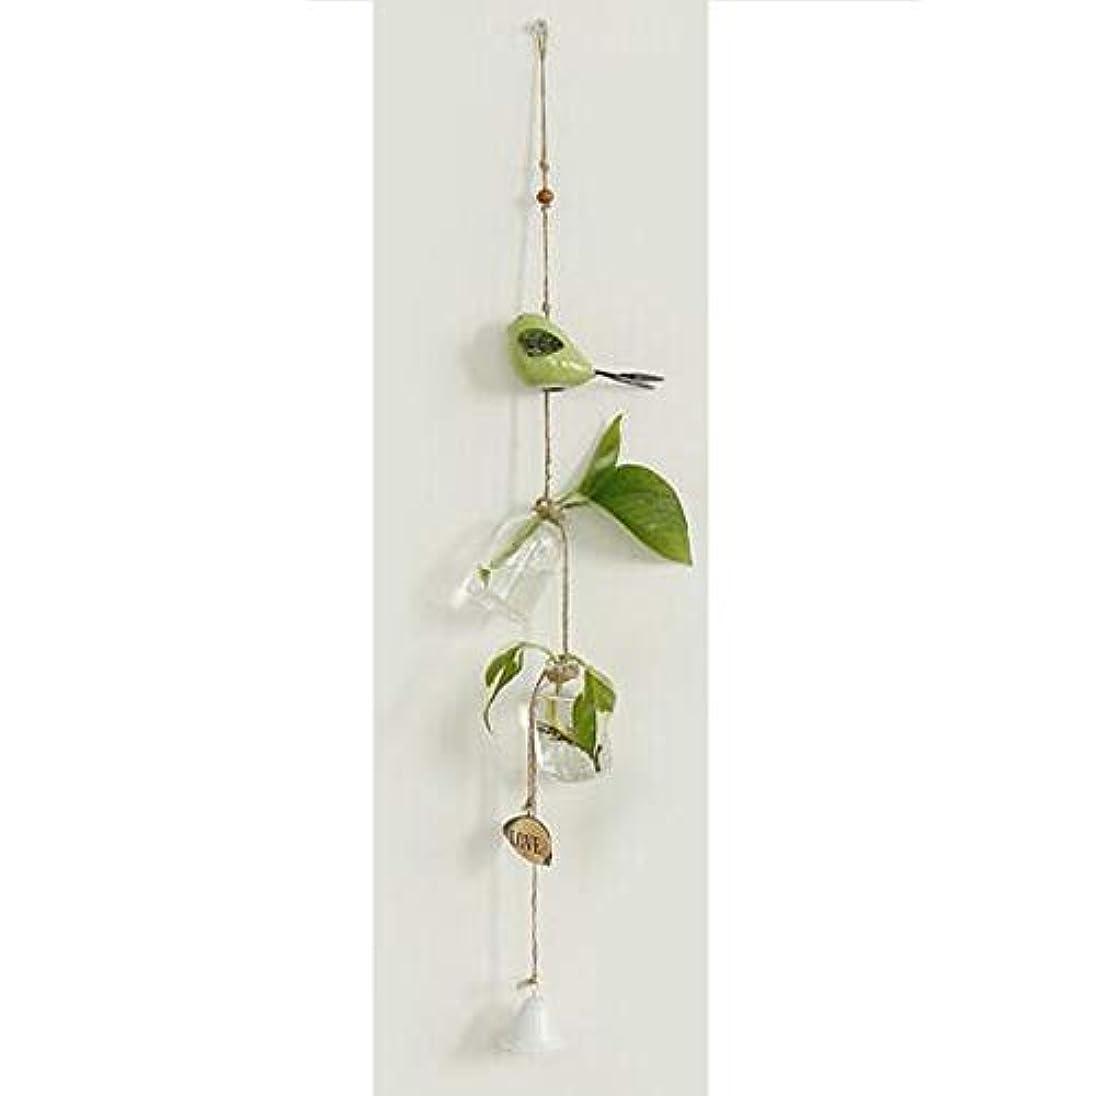 事故めまい神話Chengjinxiang 風チャイム、クリエイティブ?グラス風チャイム、白、ロープの長さ63センチメートルボトル(なし植物),クリエイティブギフト (Color : Green)